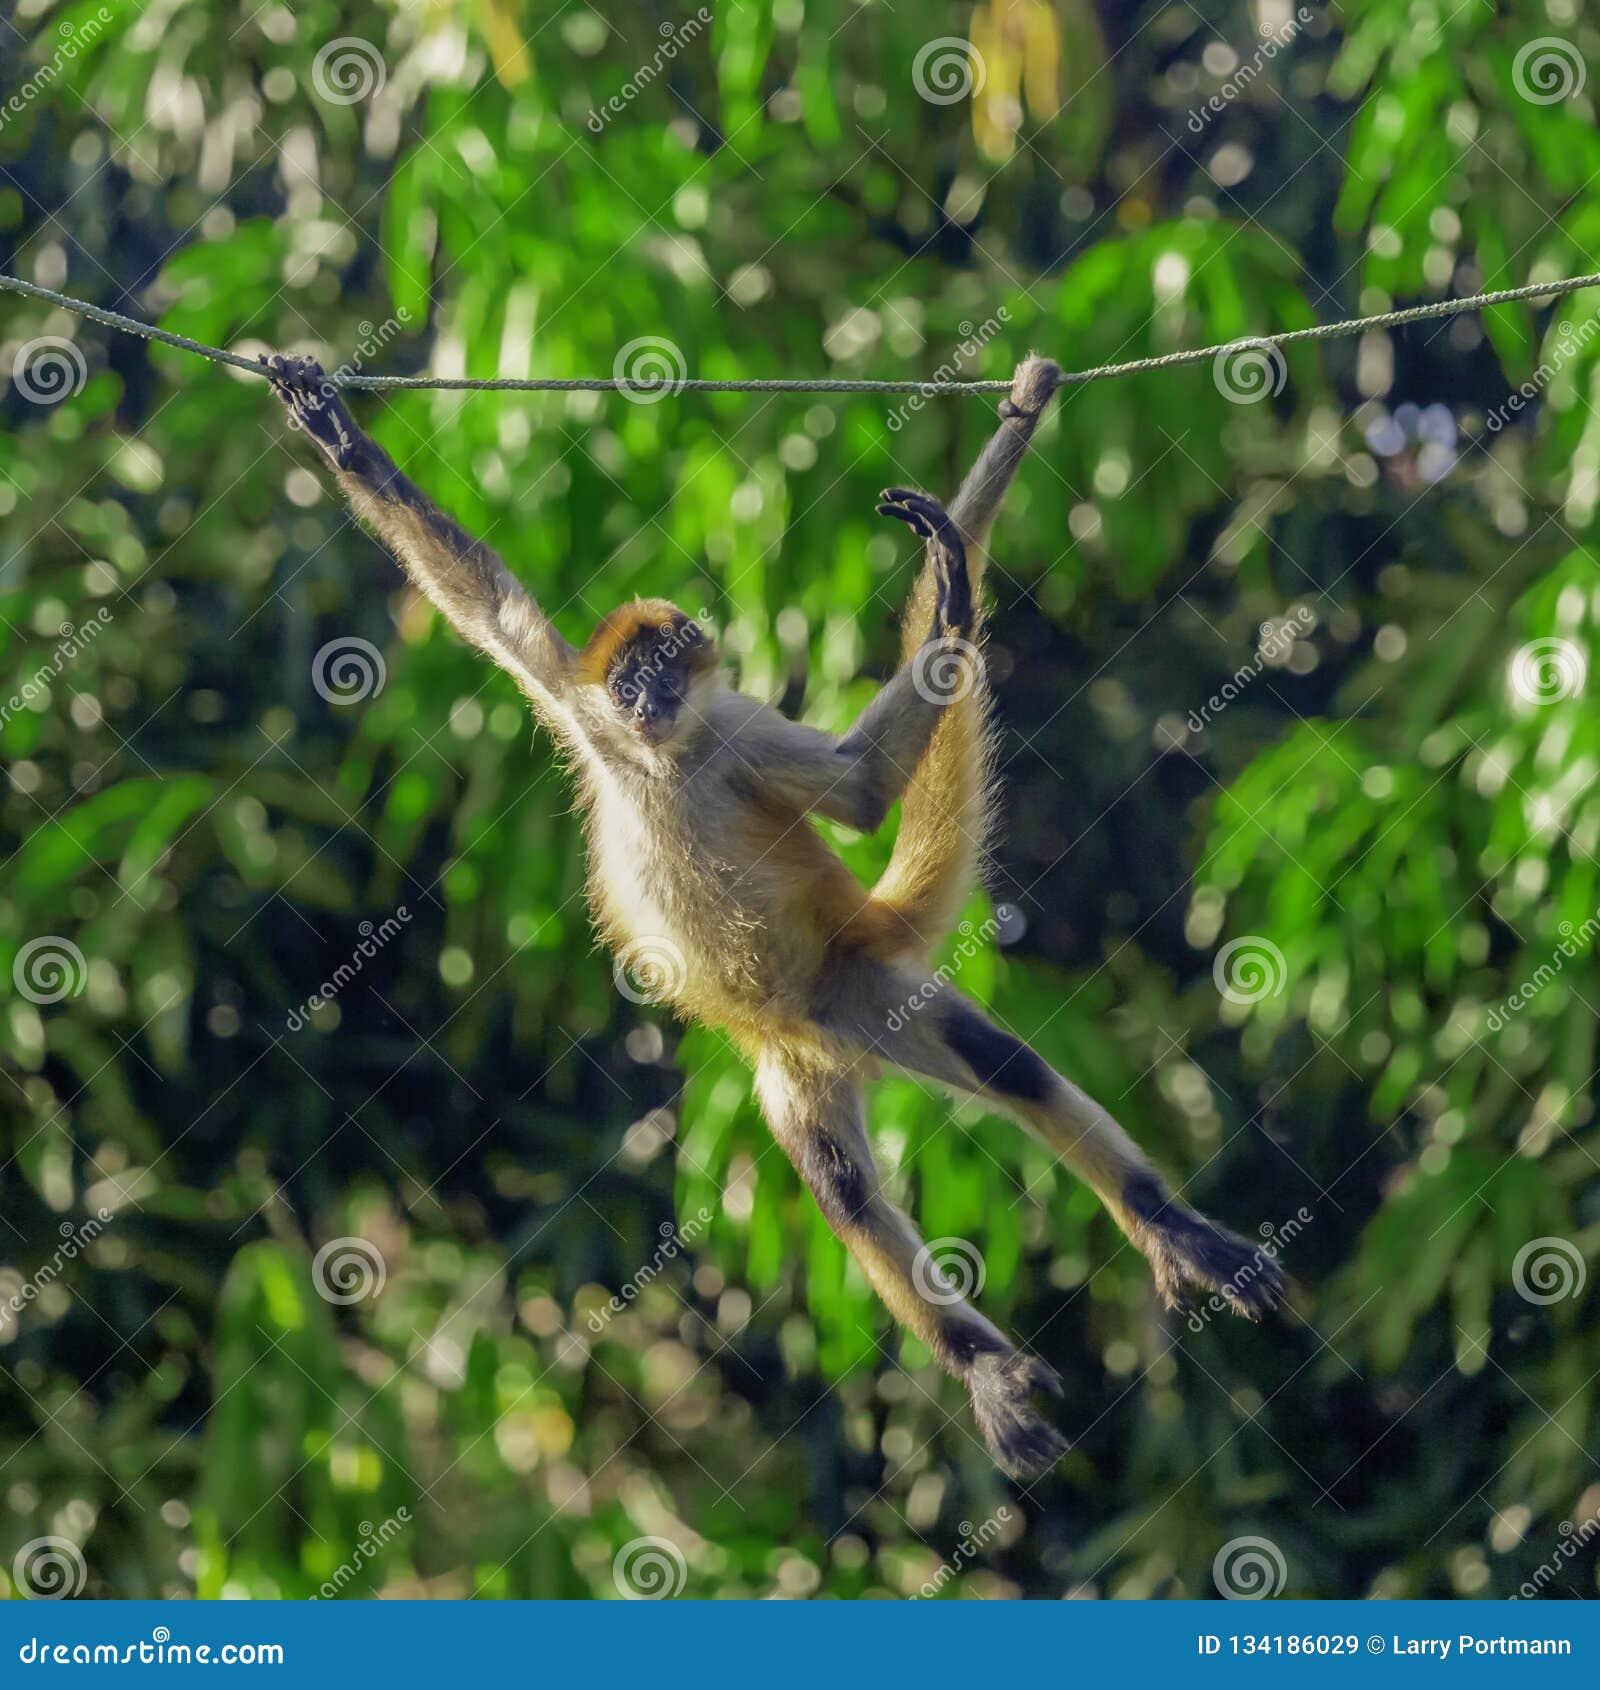 Apologise, monkey picture swinging nice phrase